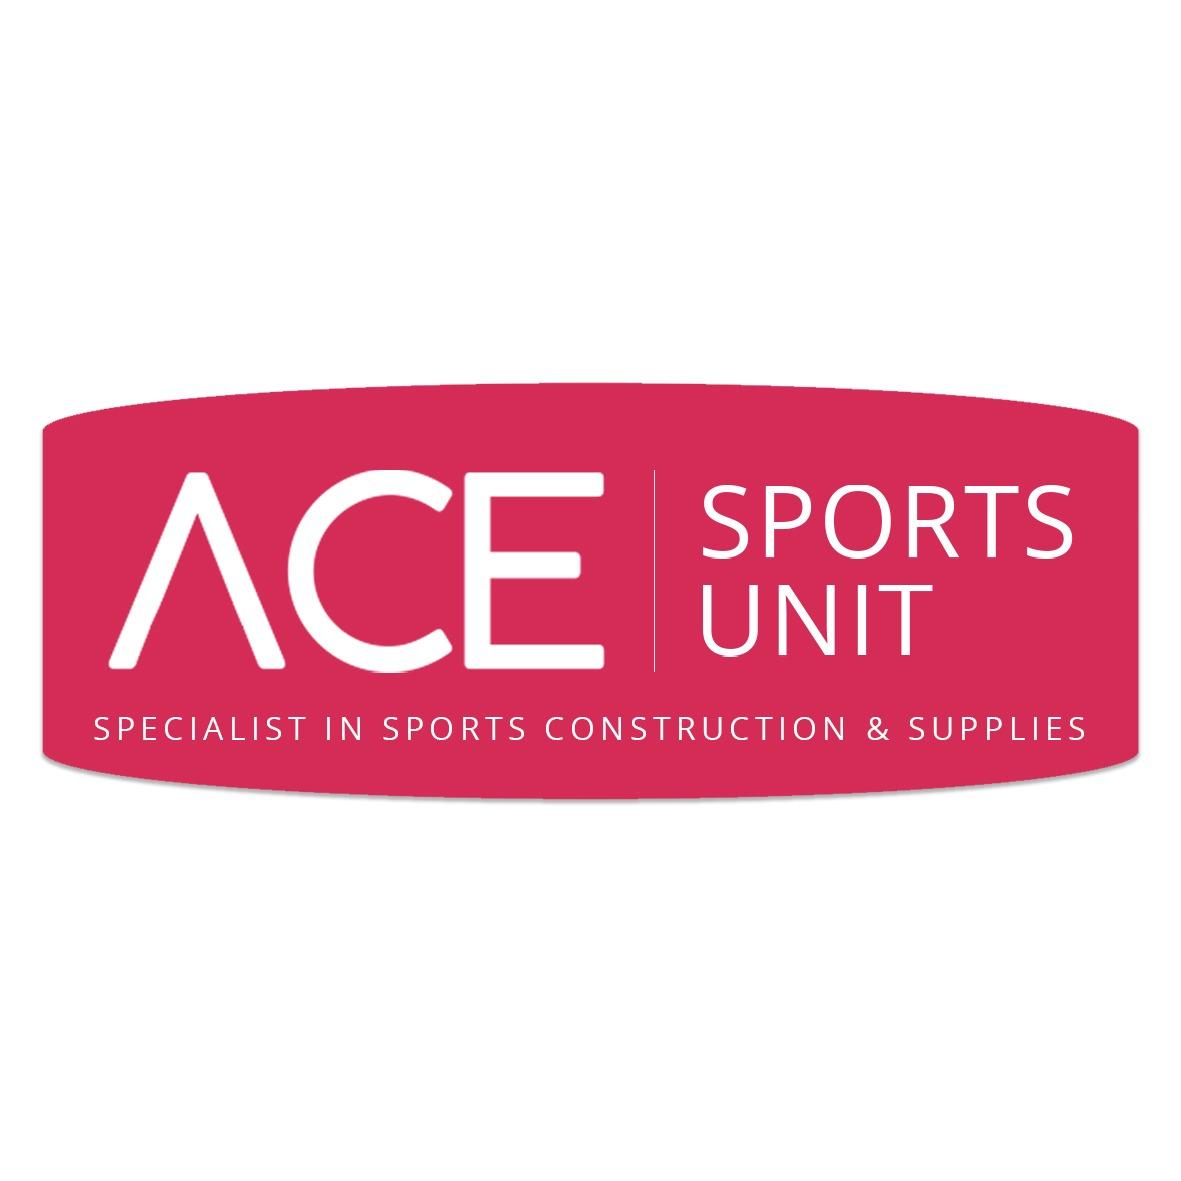 Ace Sports Unit